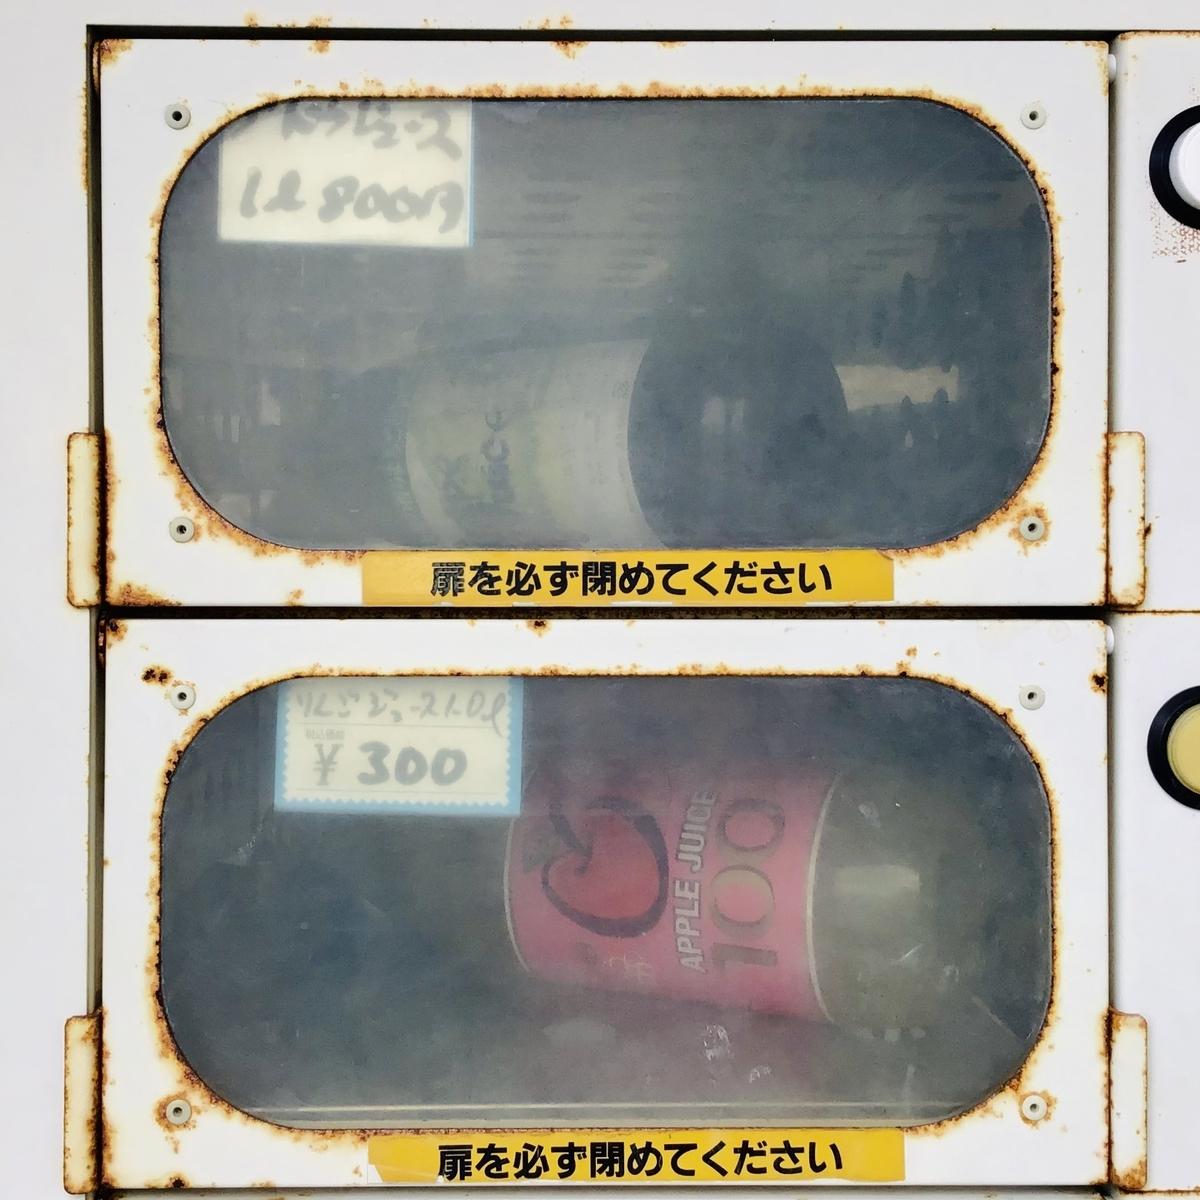 f:id:yumeusagiyukiusagi:20201025054234j:plain